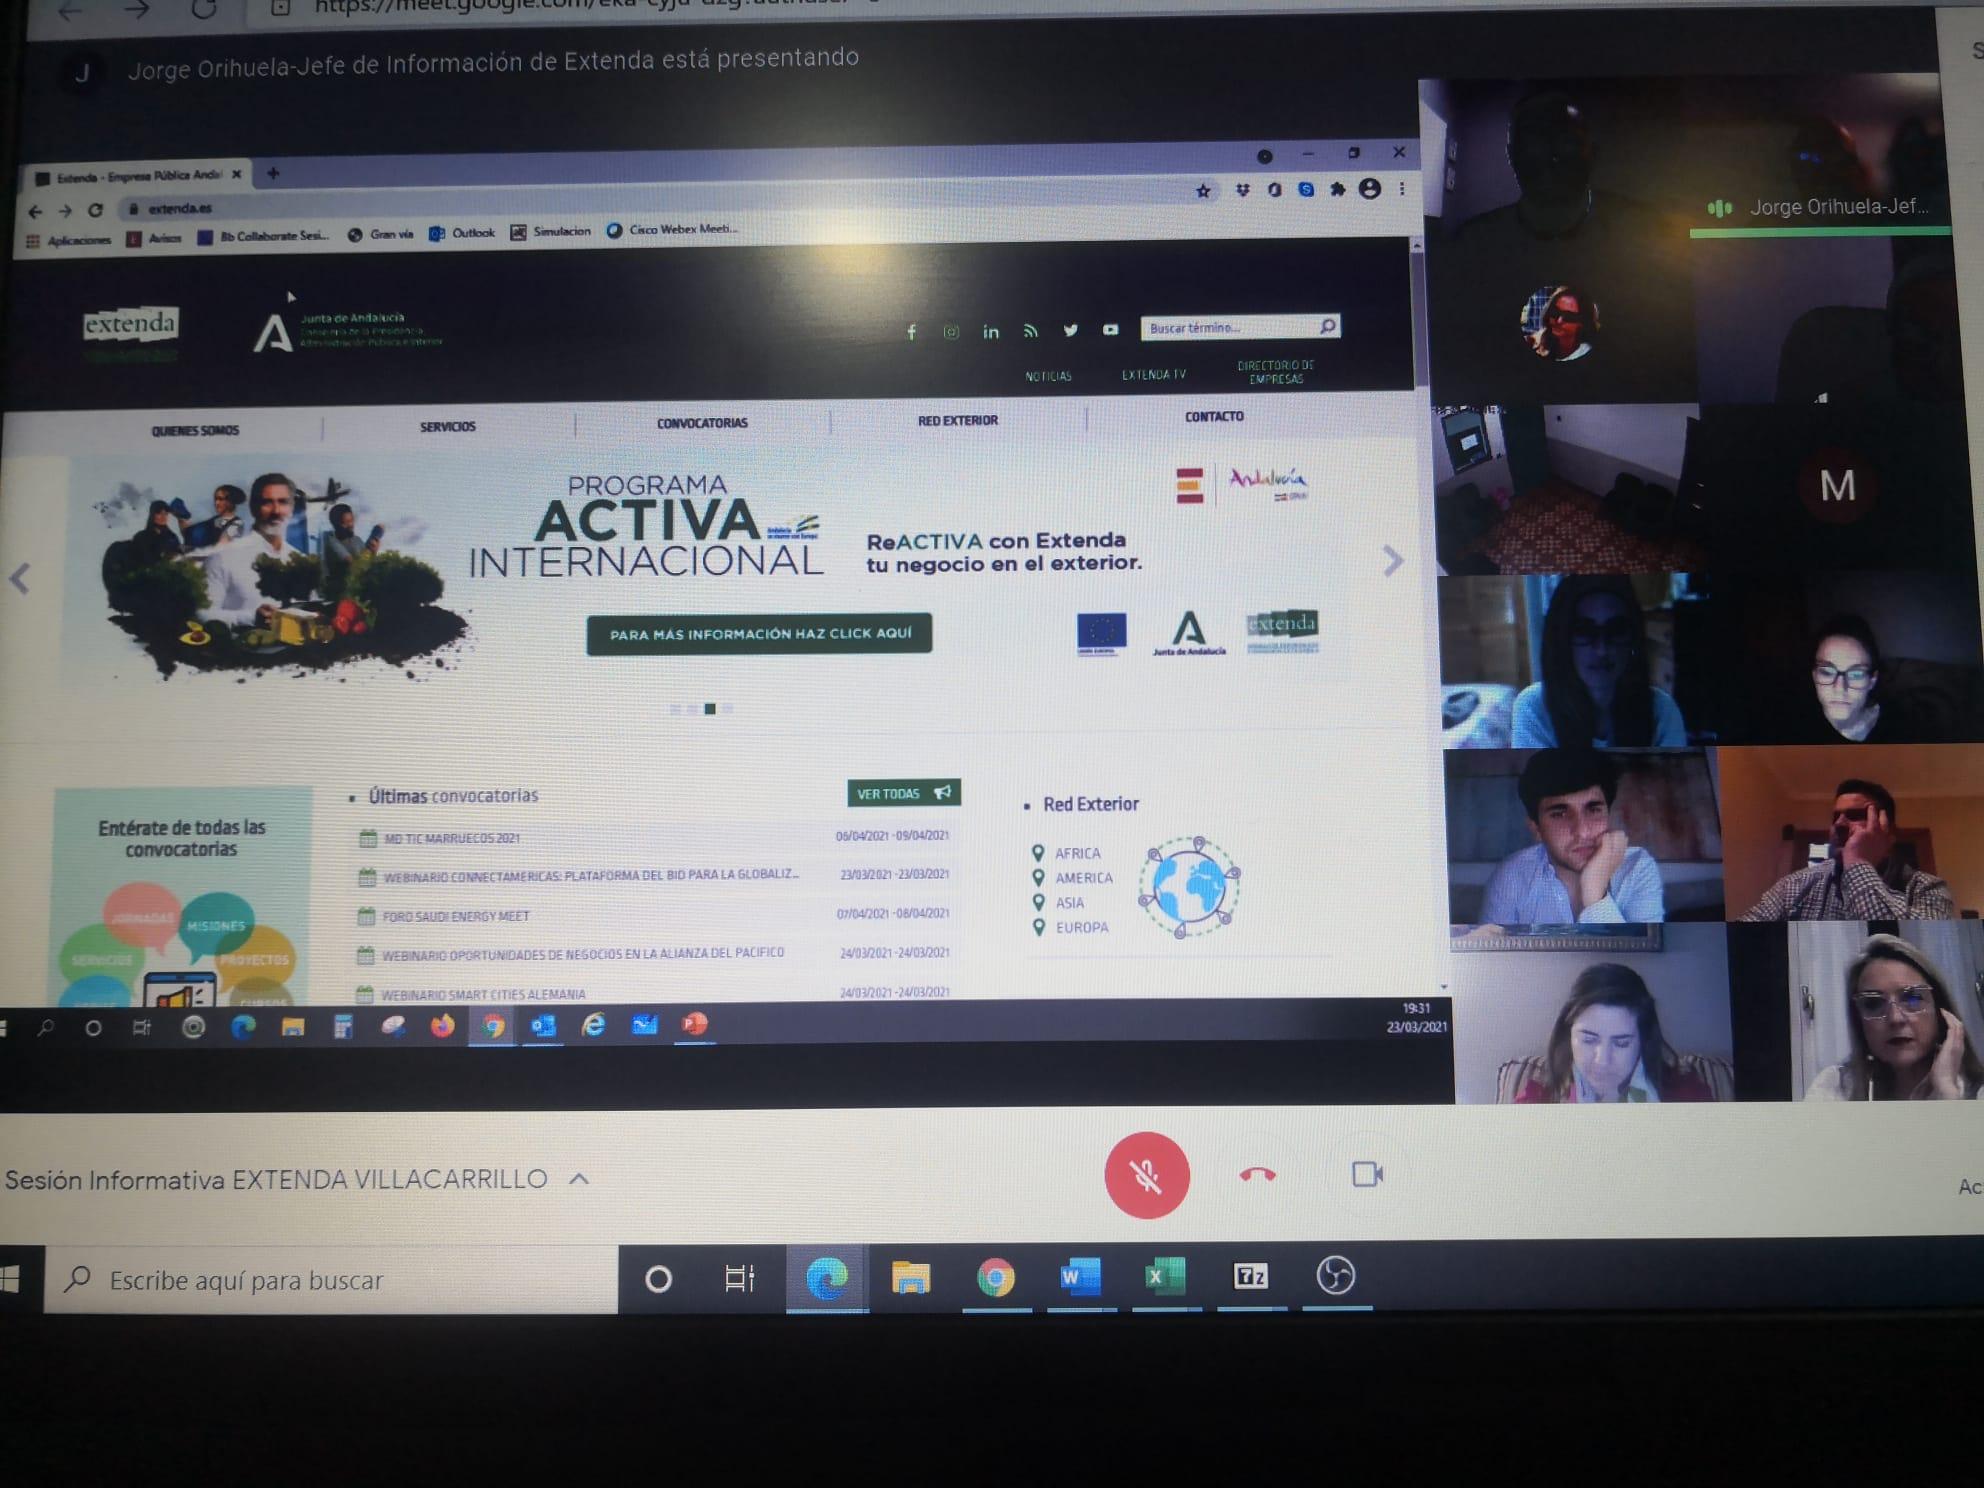 Webinar Extenda internacionalización Villacarrillo